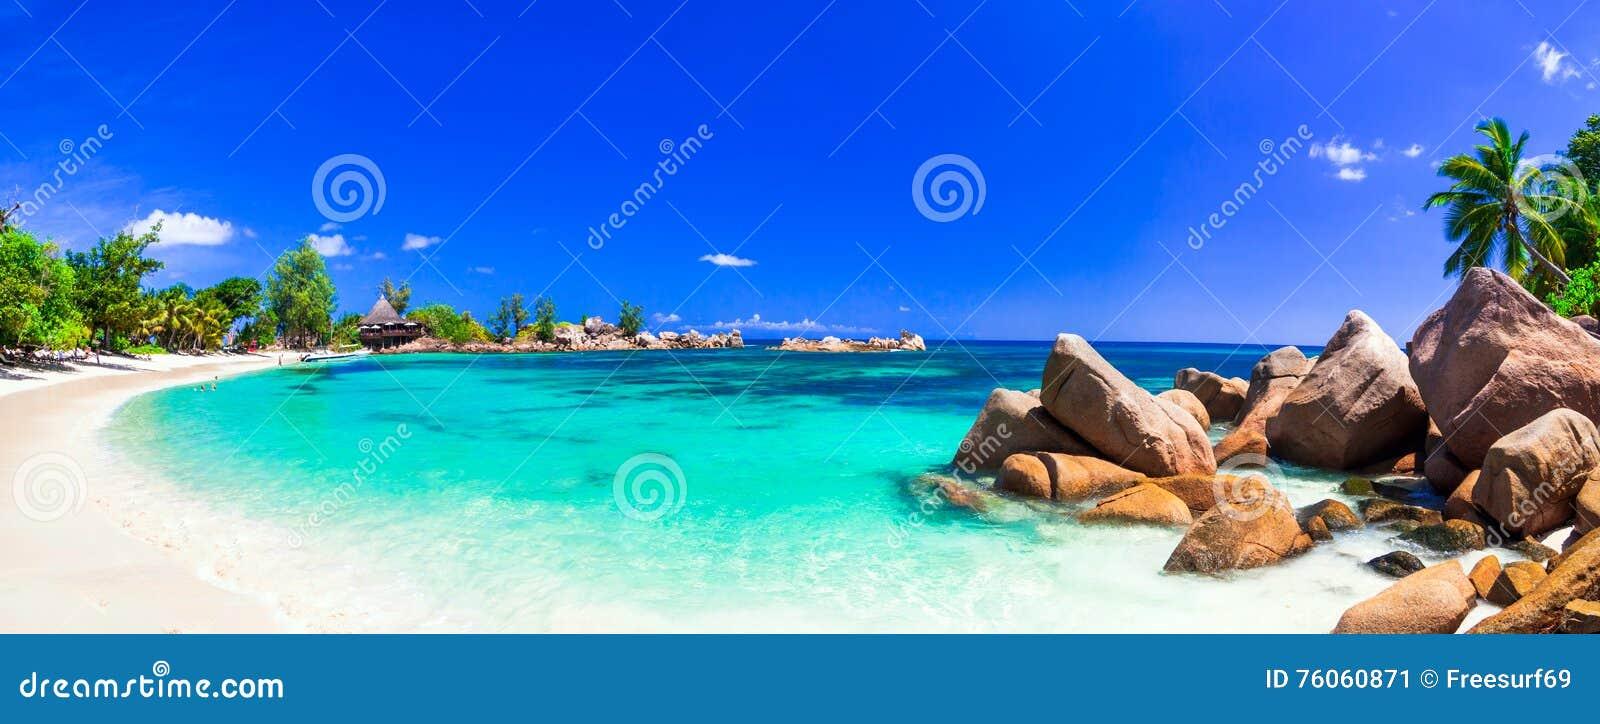 Καταπληκτικές τροπικές διακοπές στις παραλίες παραδείσου των Σεϋχελλών, Pras